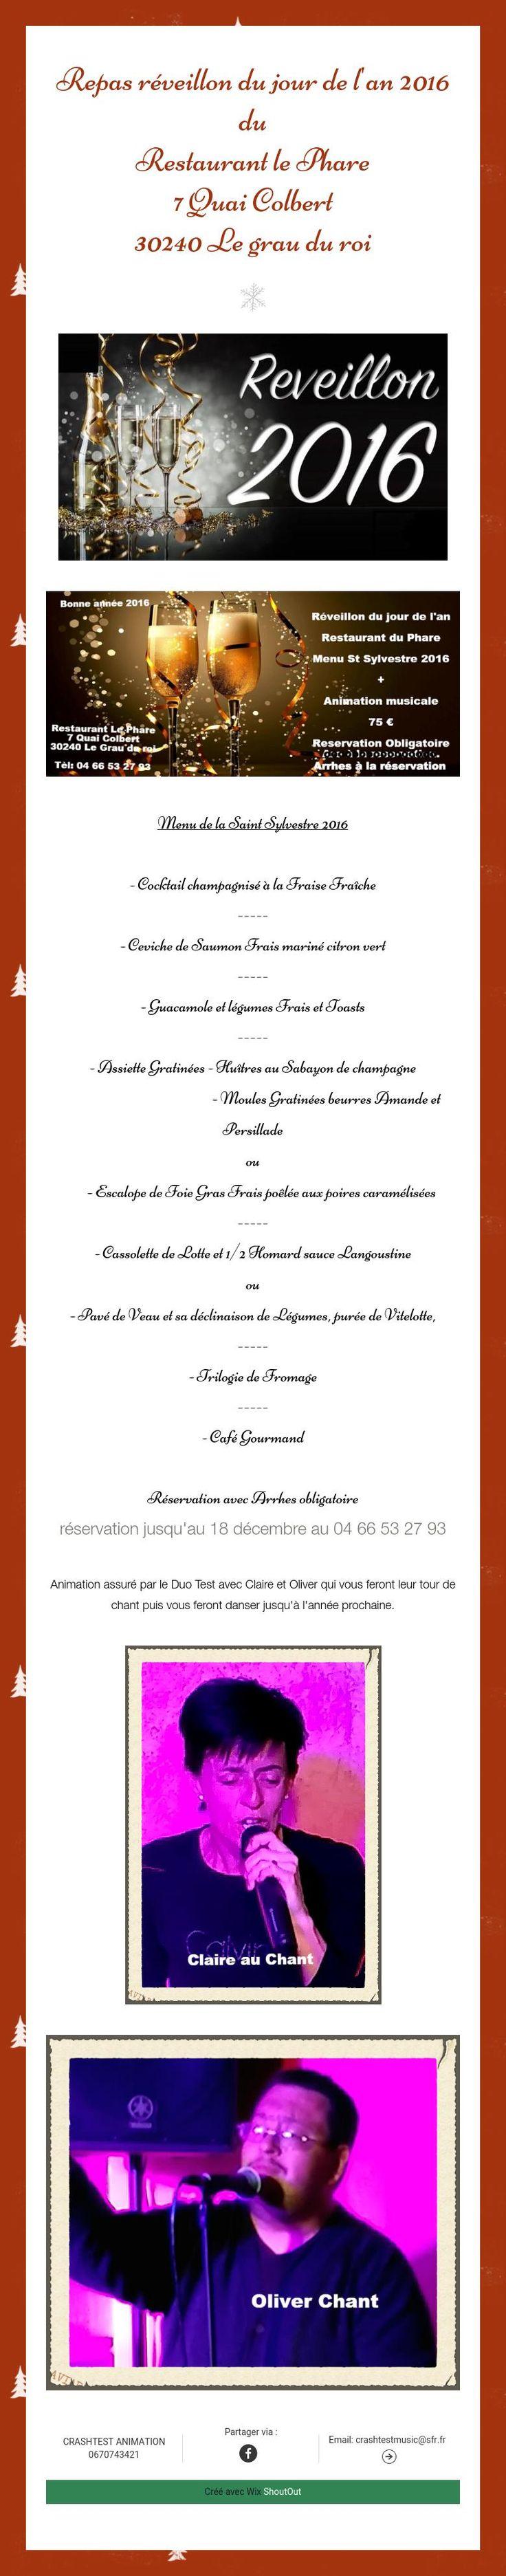 Repas réveillon du jour de l'an 2016 au Restaurant le Phare7 Quai Colbert 30240 Le grau du roi